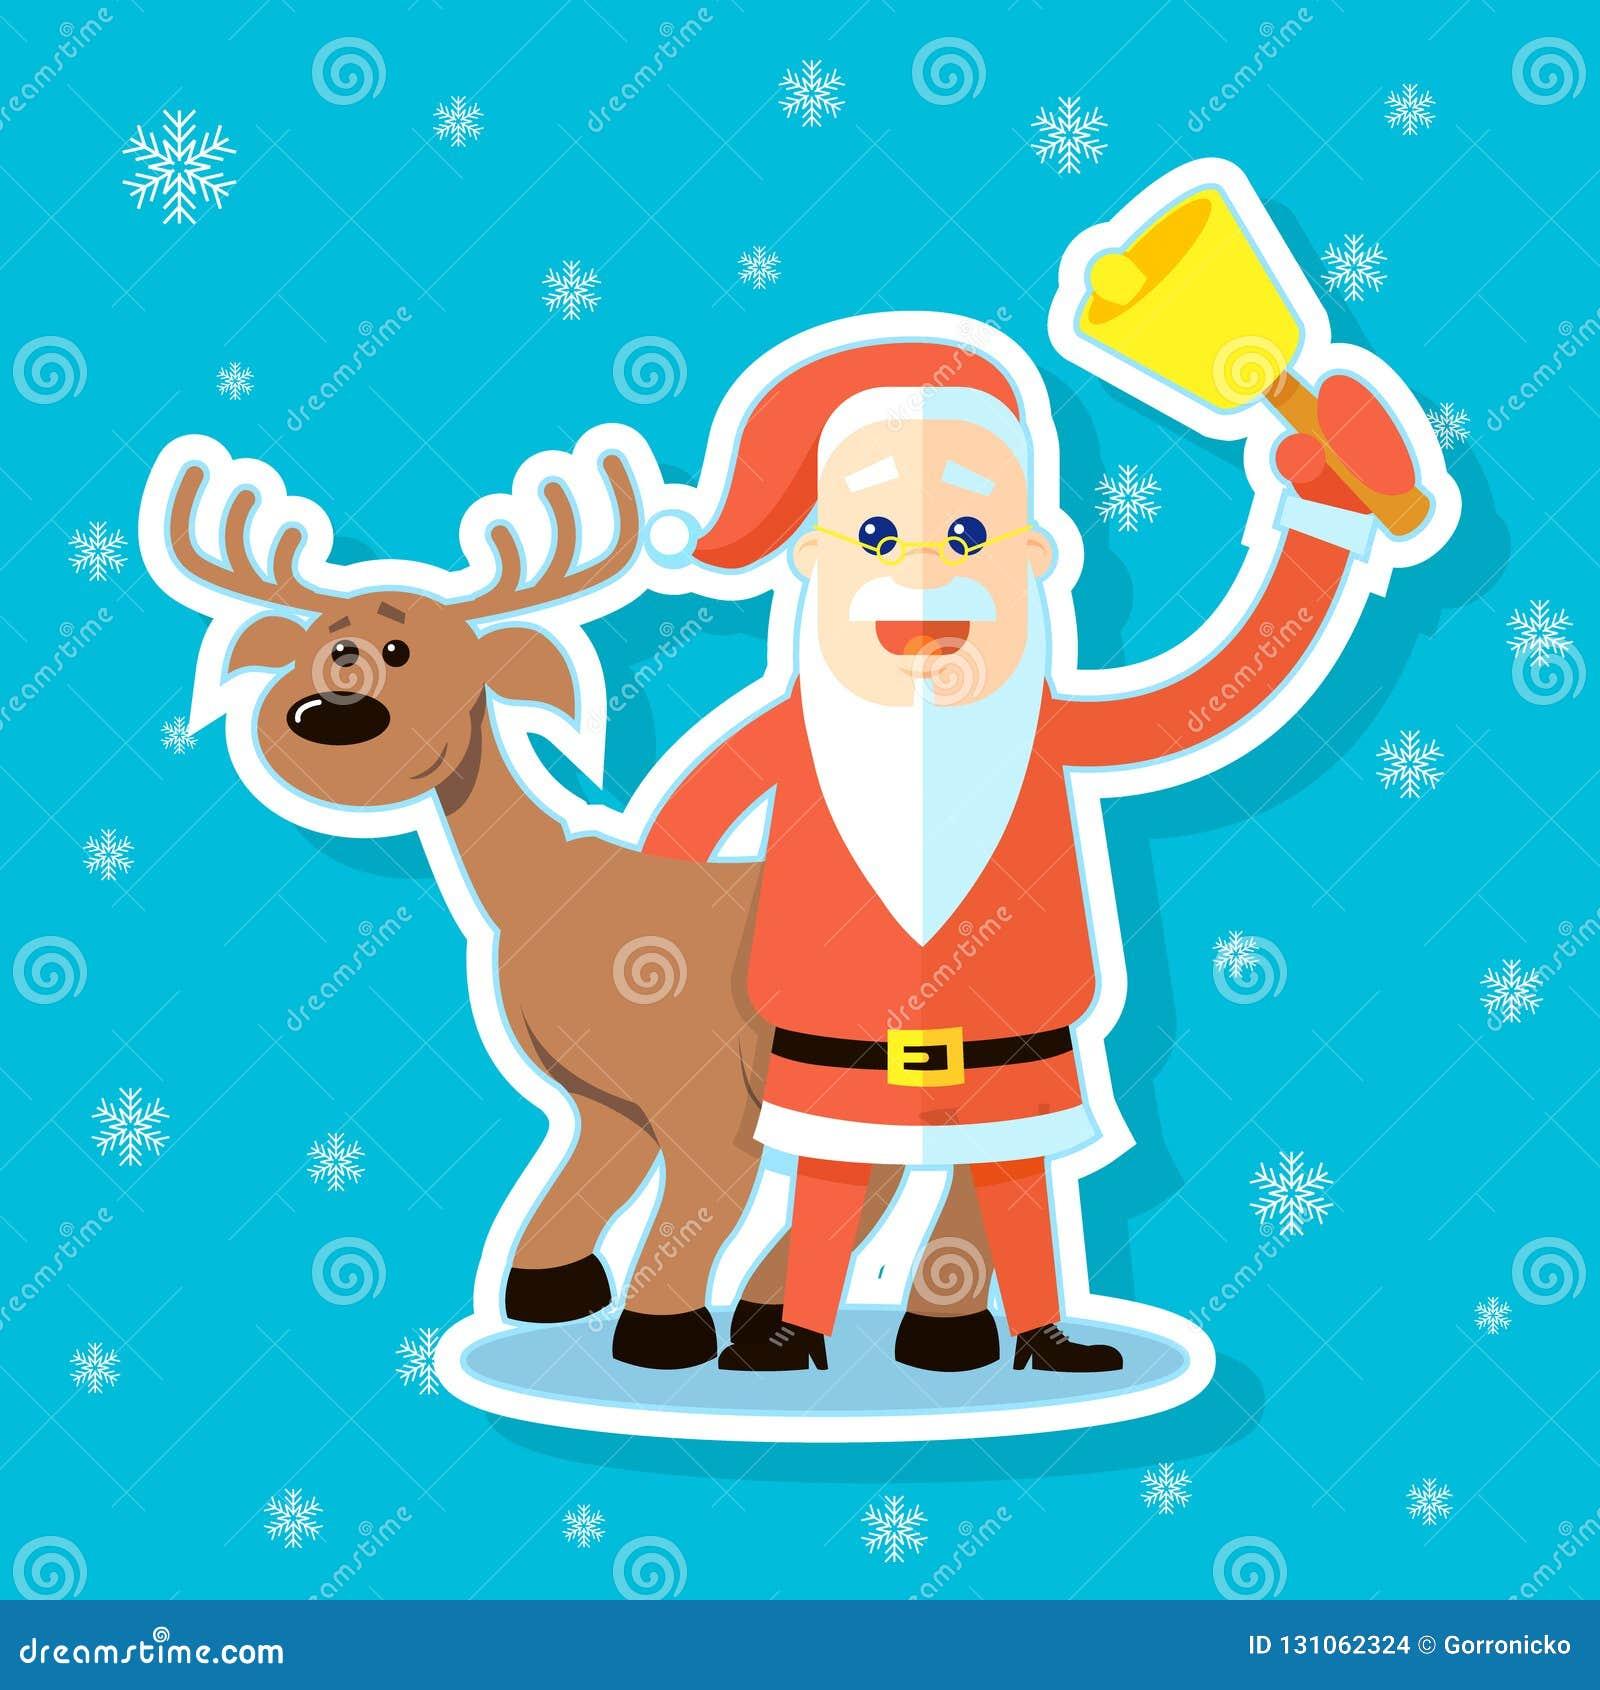 Иллюстрация стикера плоского мультфильма Санта Клауса искусства с северным оленем